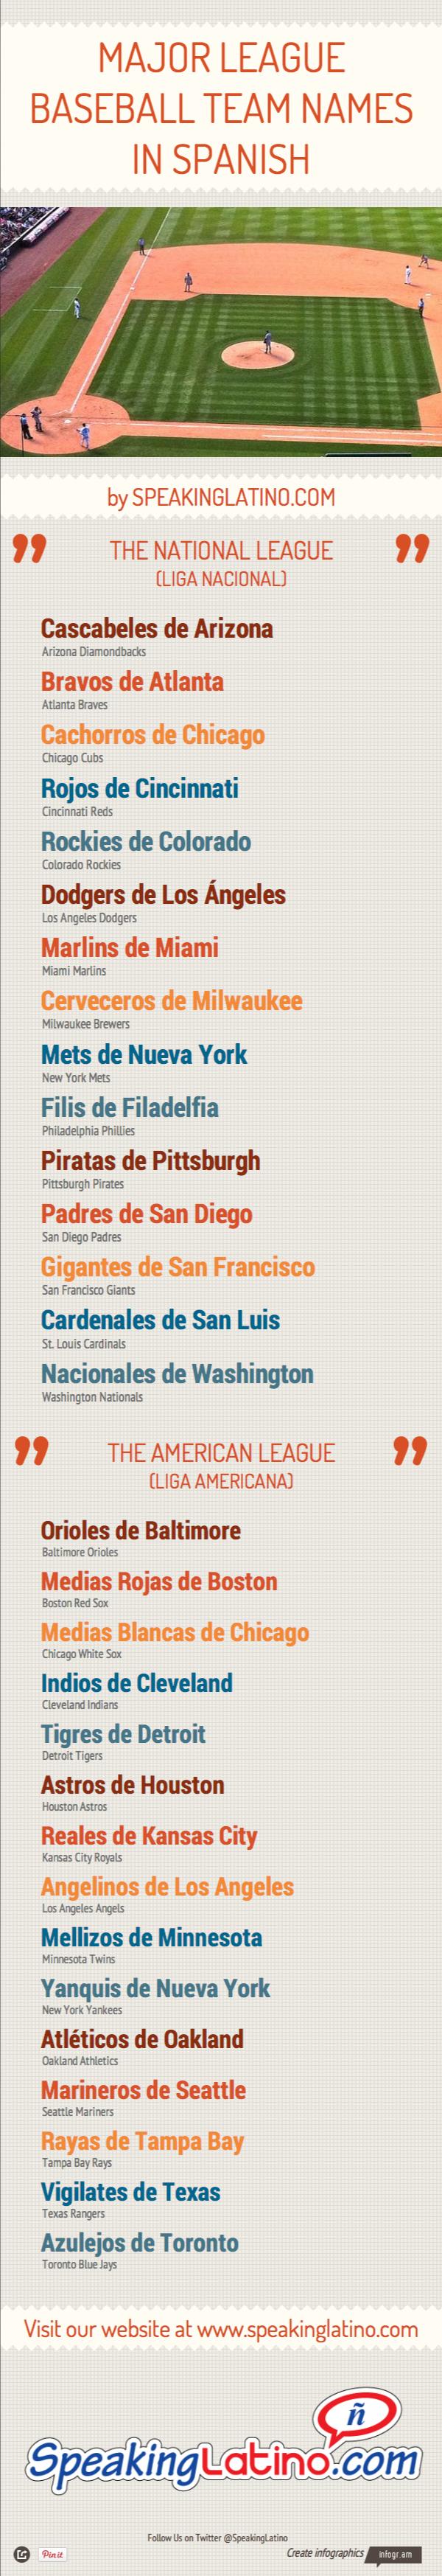 Mlb Team Names In Spanish Infographic Spanish Classroom Spanish Names Teaching Spanish